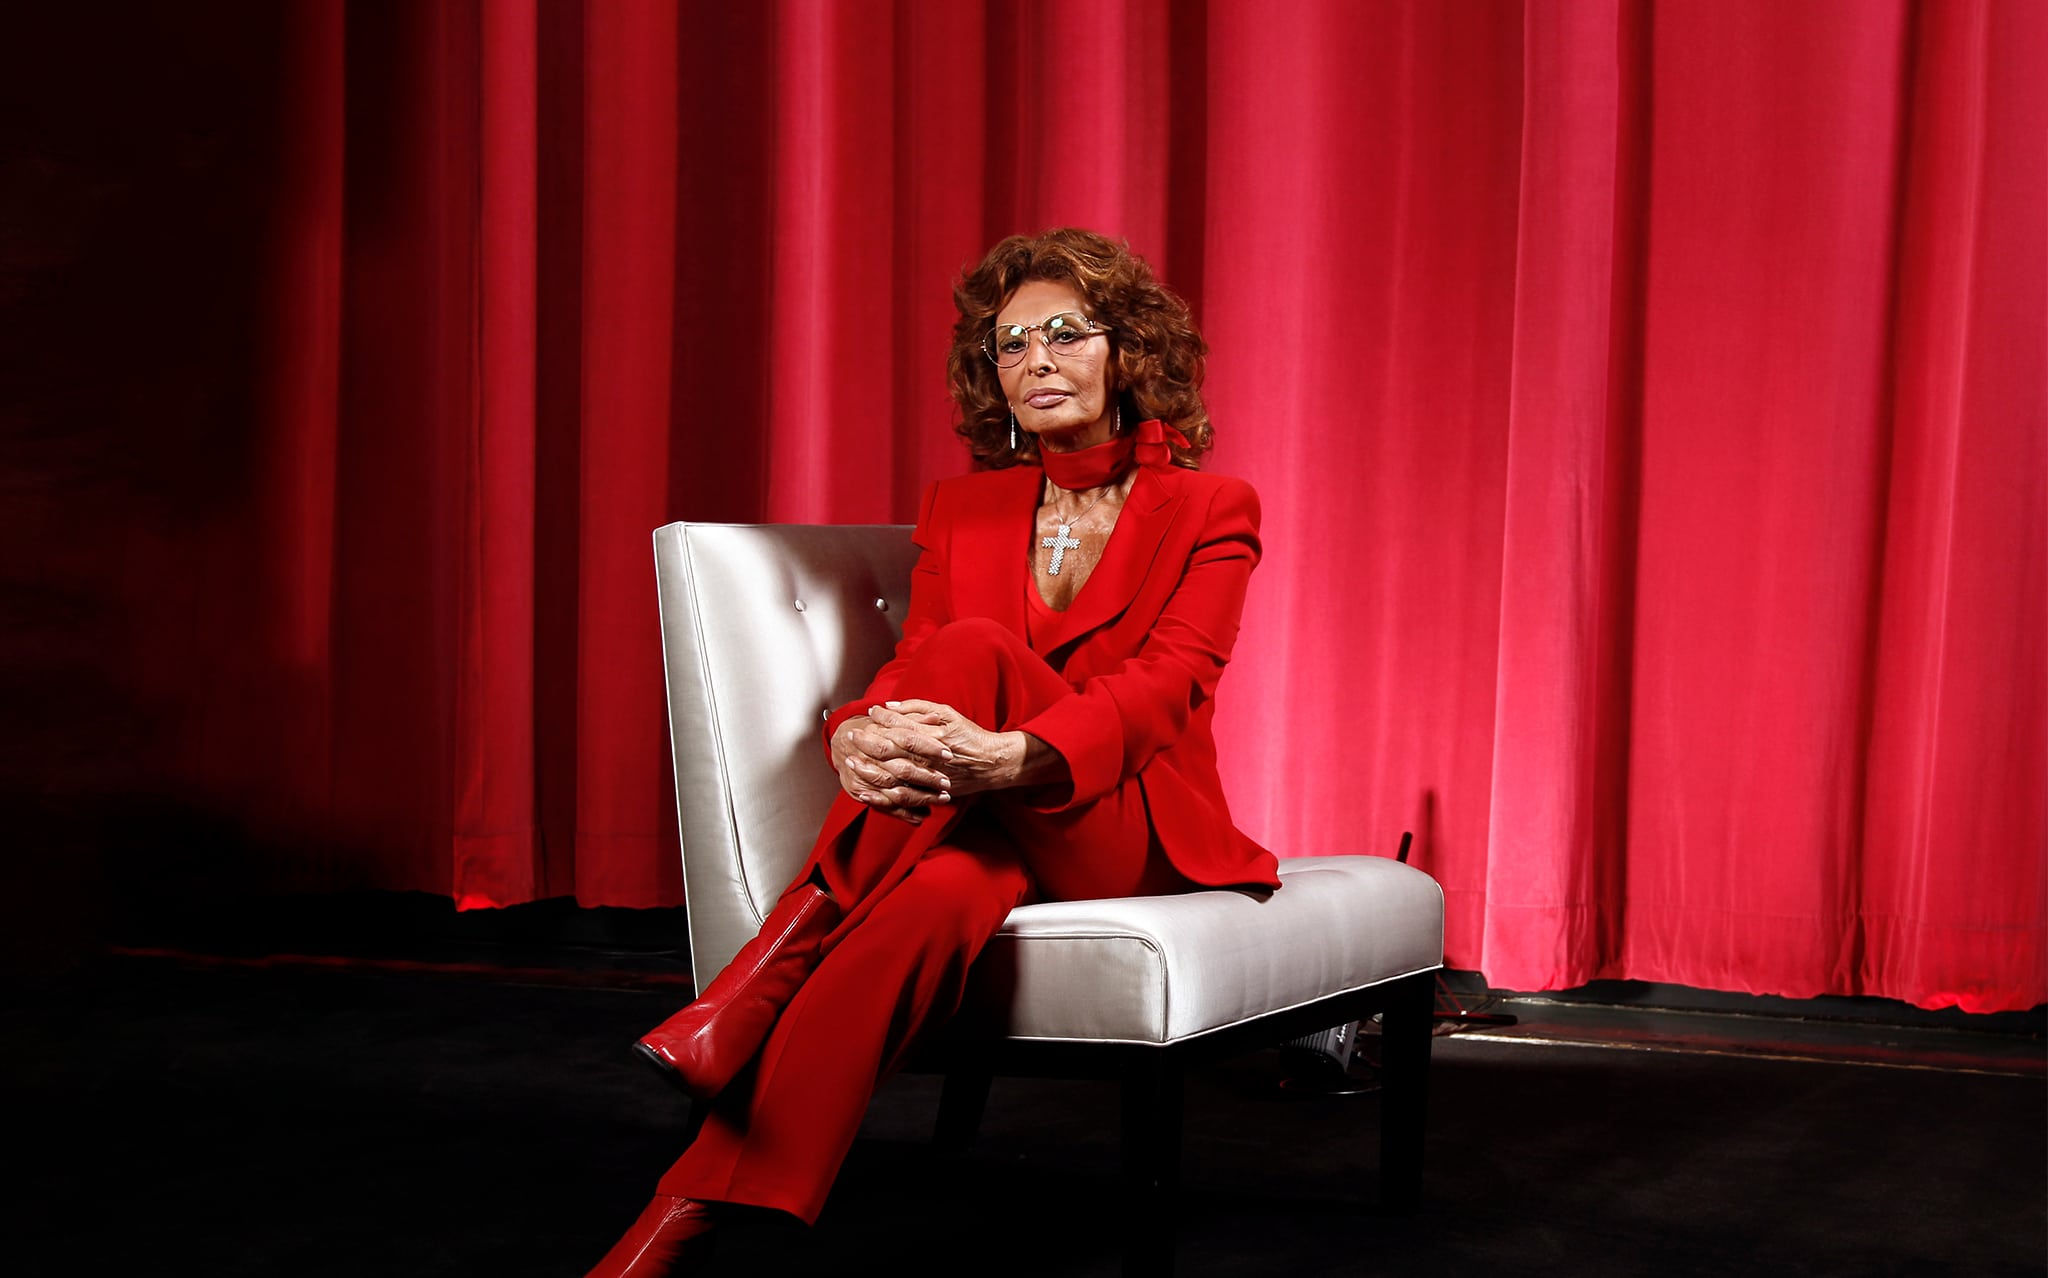 סופיה לורן (צילום: AP Photo/Matt Sayles)